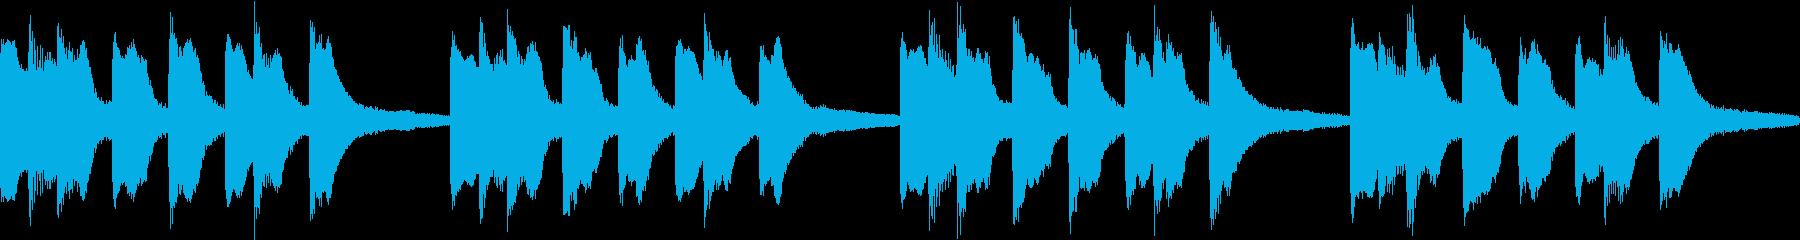 シンプル ベル 着信音 チャイム B-4の再生済みの波形